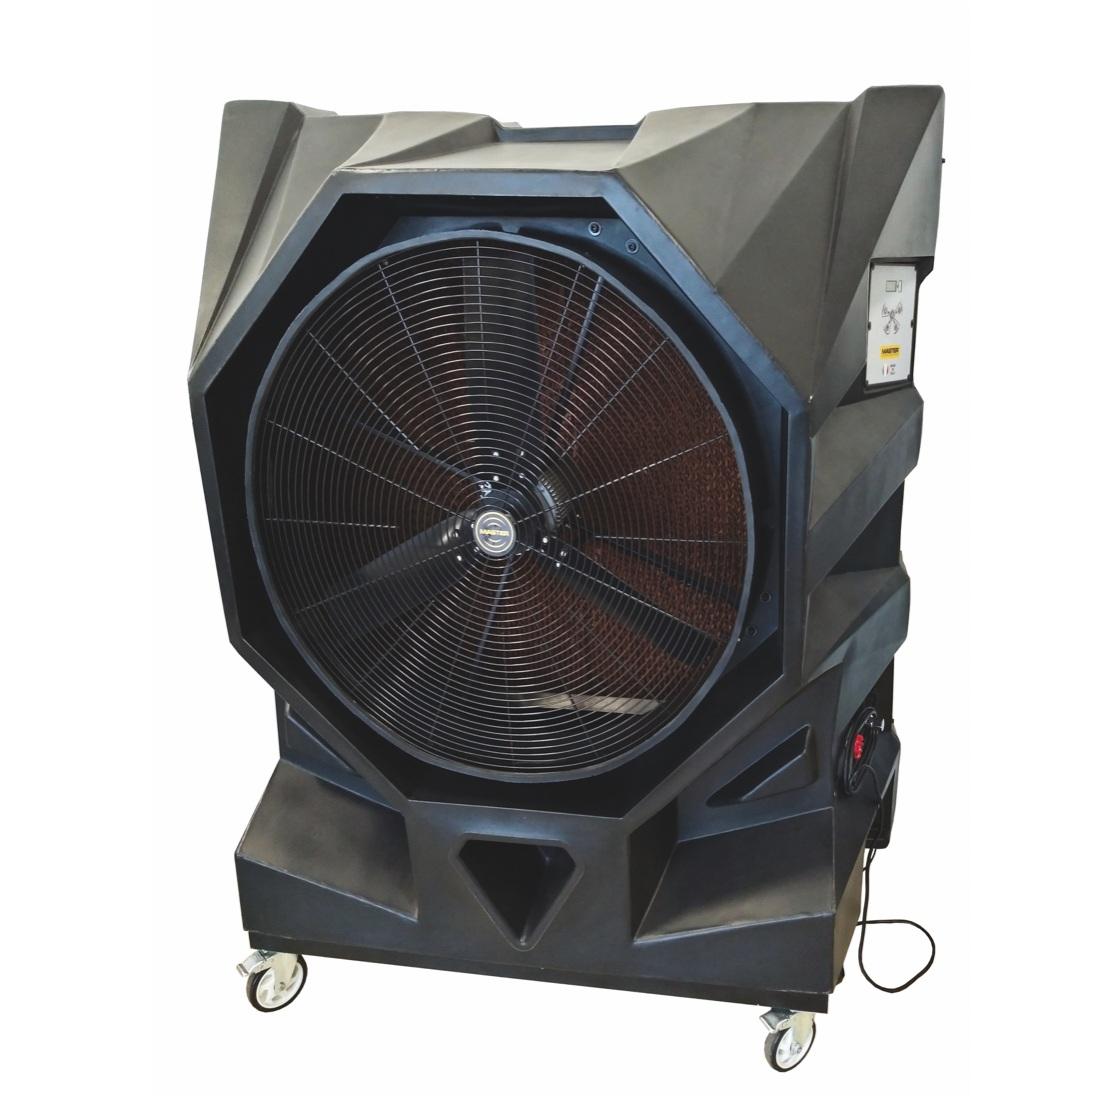 BC 340 - Luftdurchfluss: 30.000 m3/h | Kühlfilter: 340 dm3